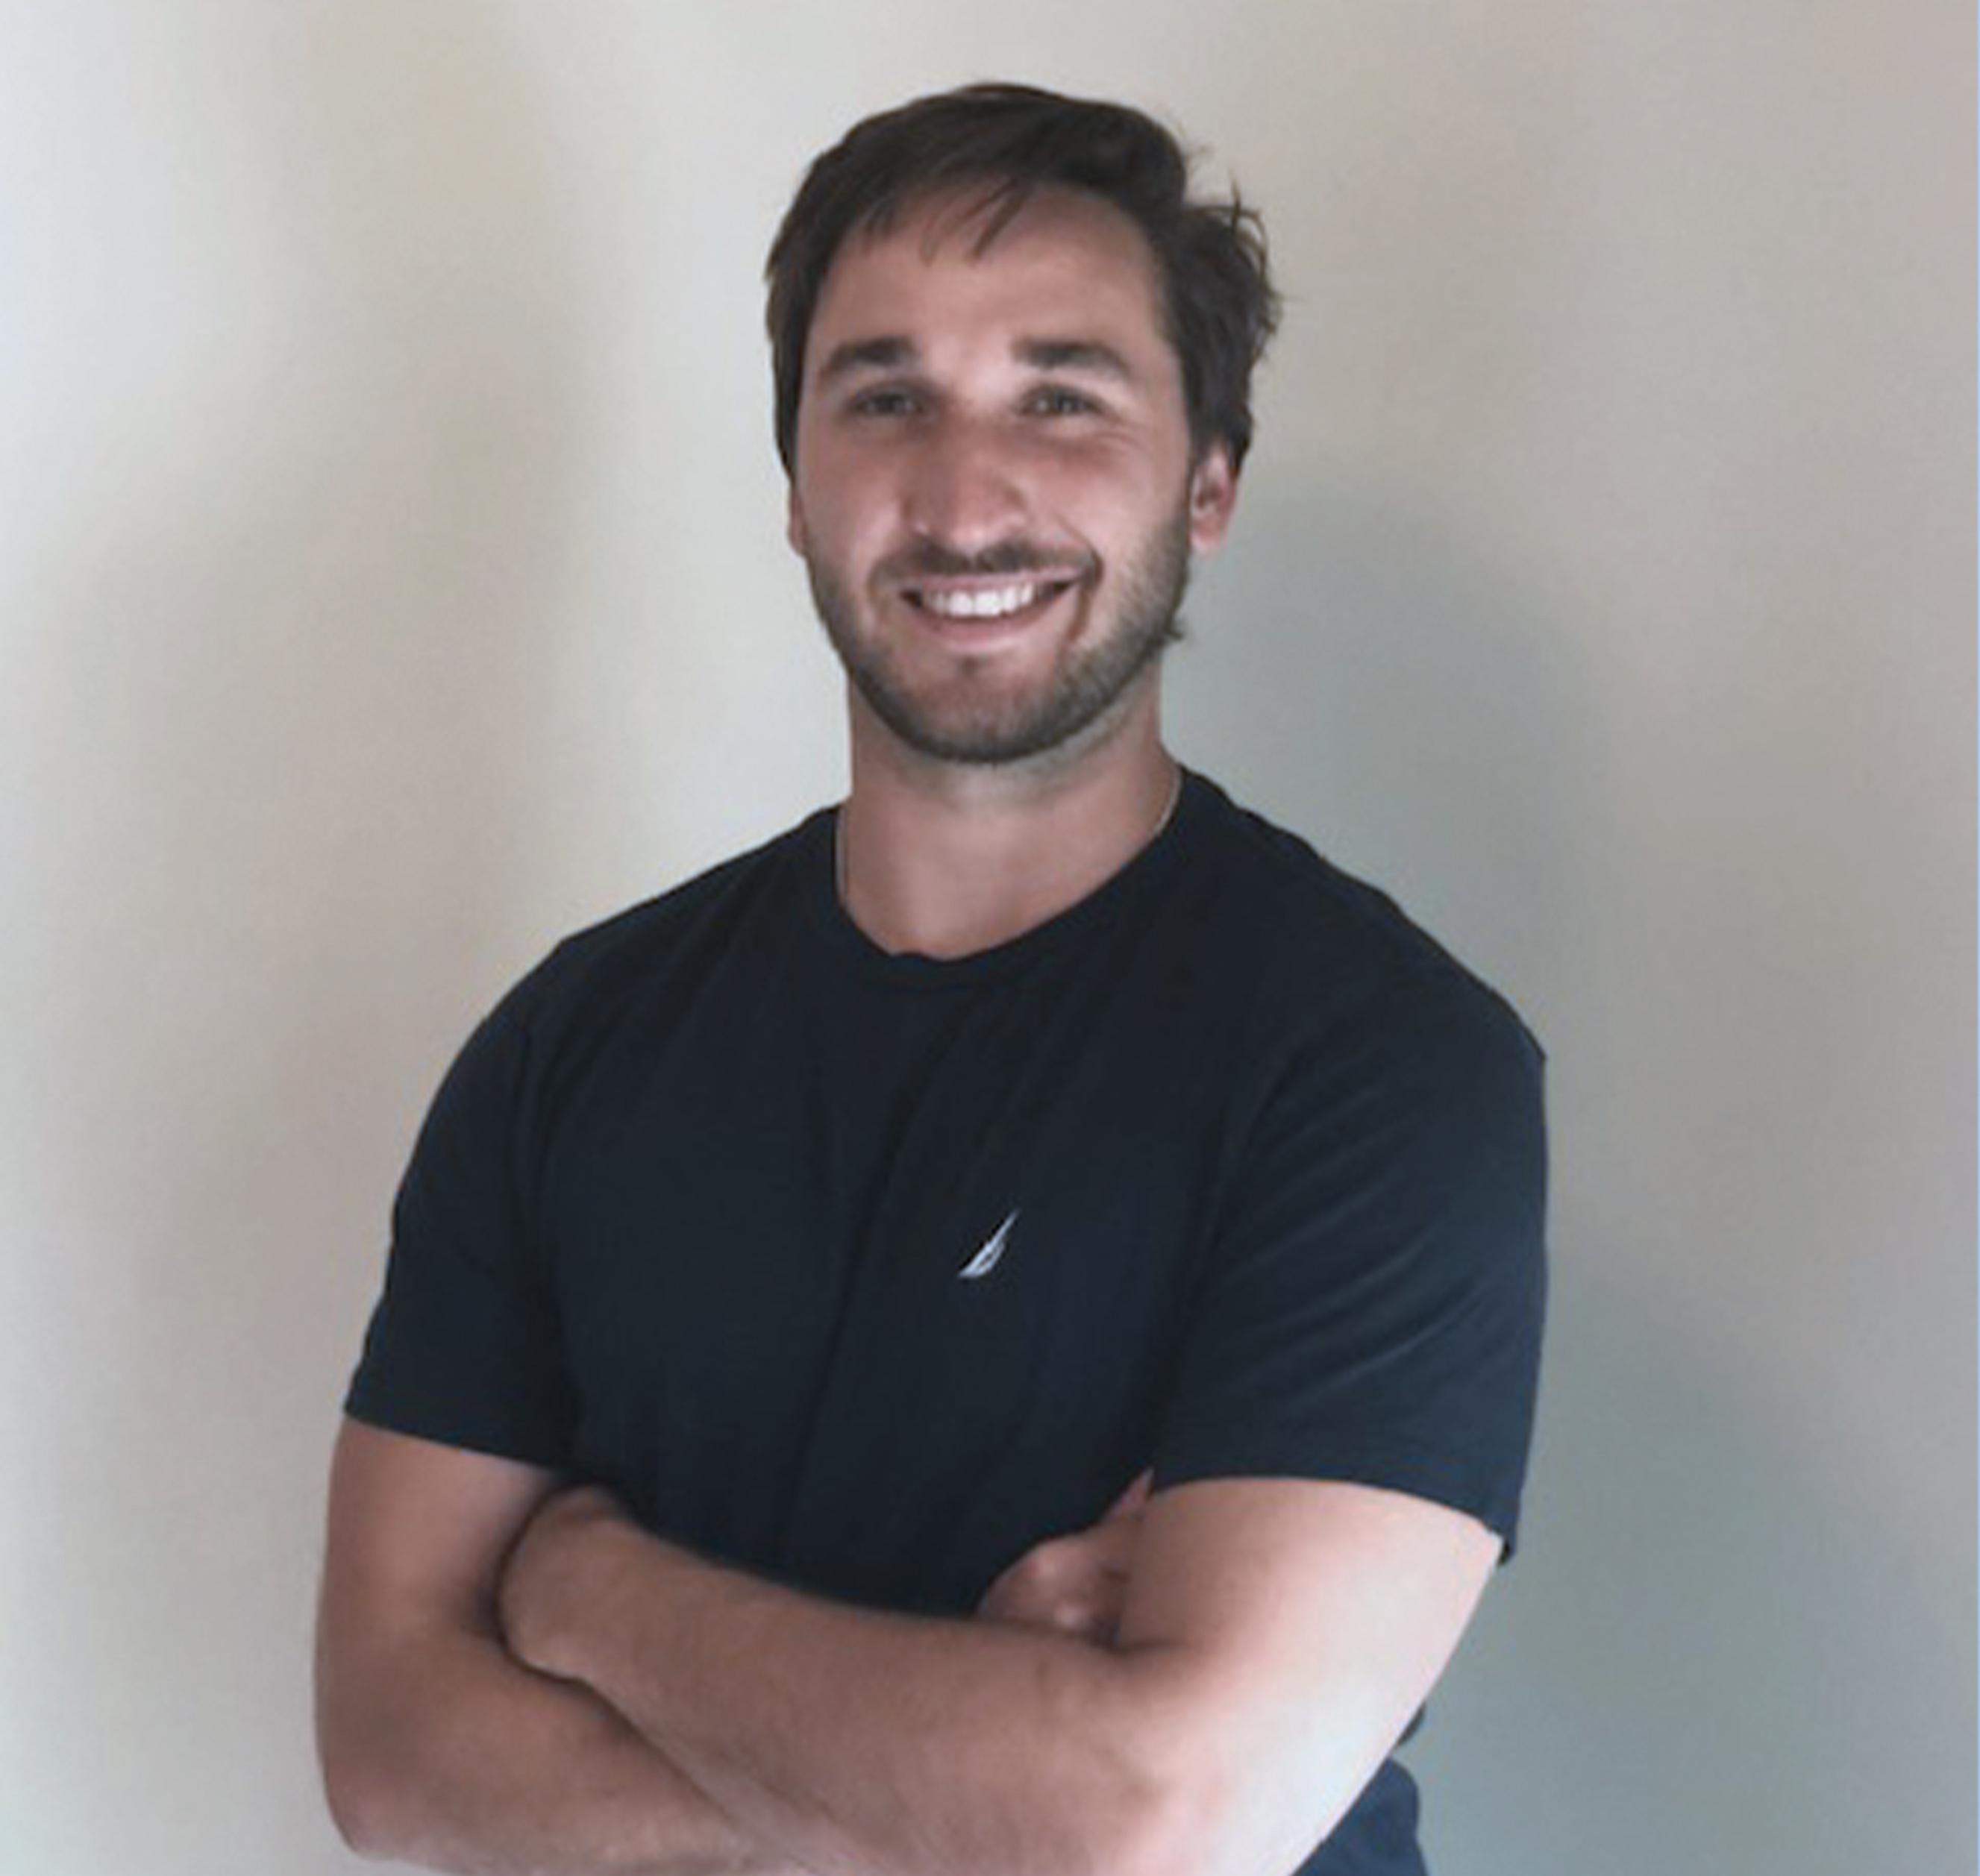 Nate Frieberg